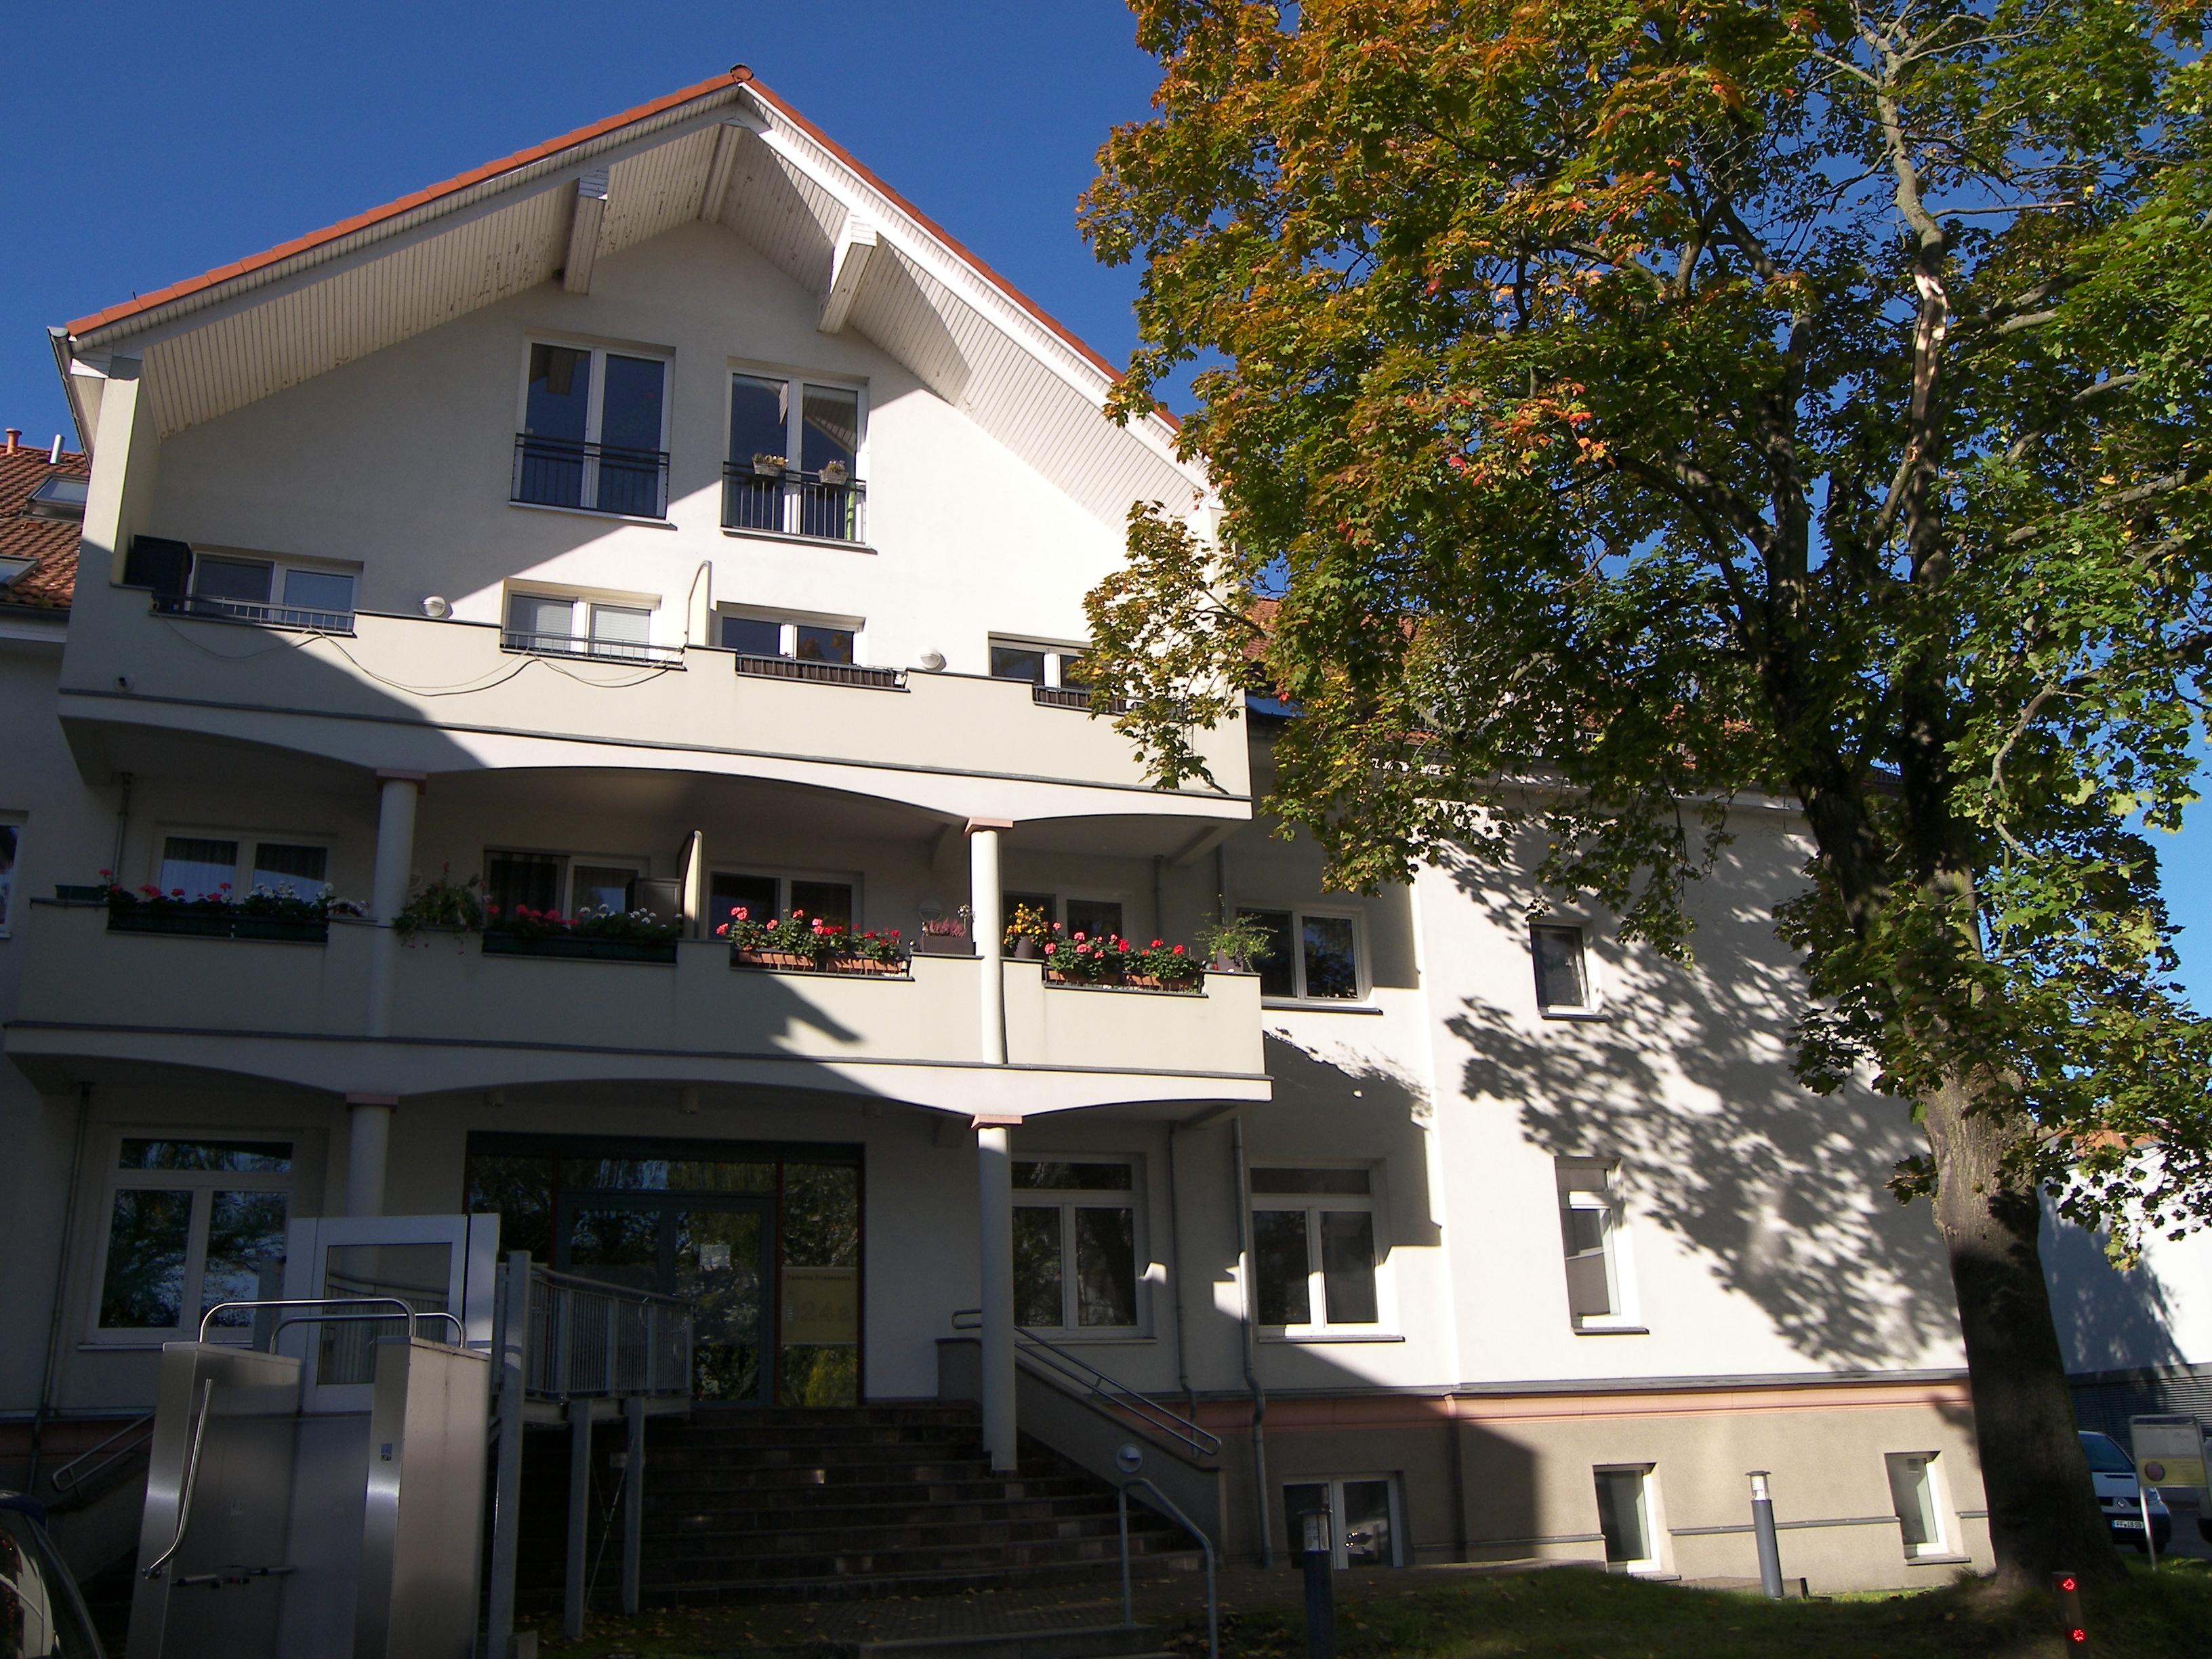 Mietwohnung Frankfurt Oder : wohnung zur miete mietwohnung mieten friedenseck miete ~ Buech-reservation.com Haus und Dekorationen